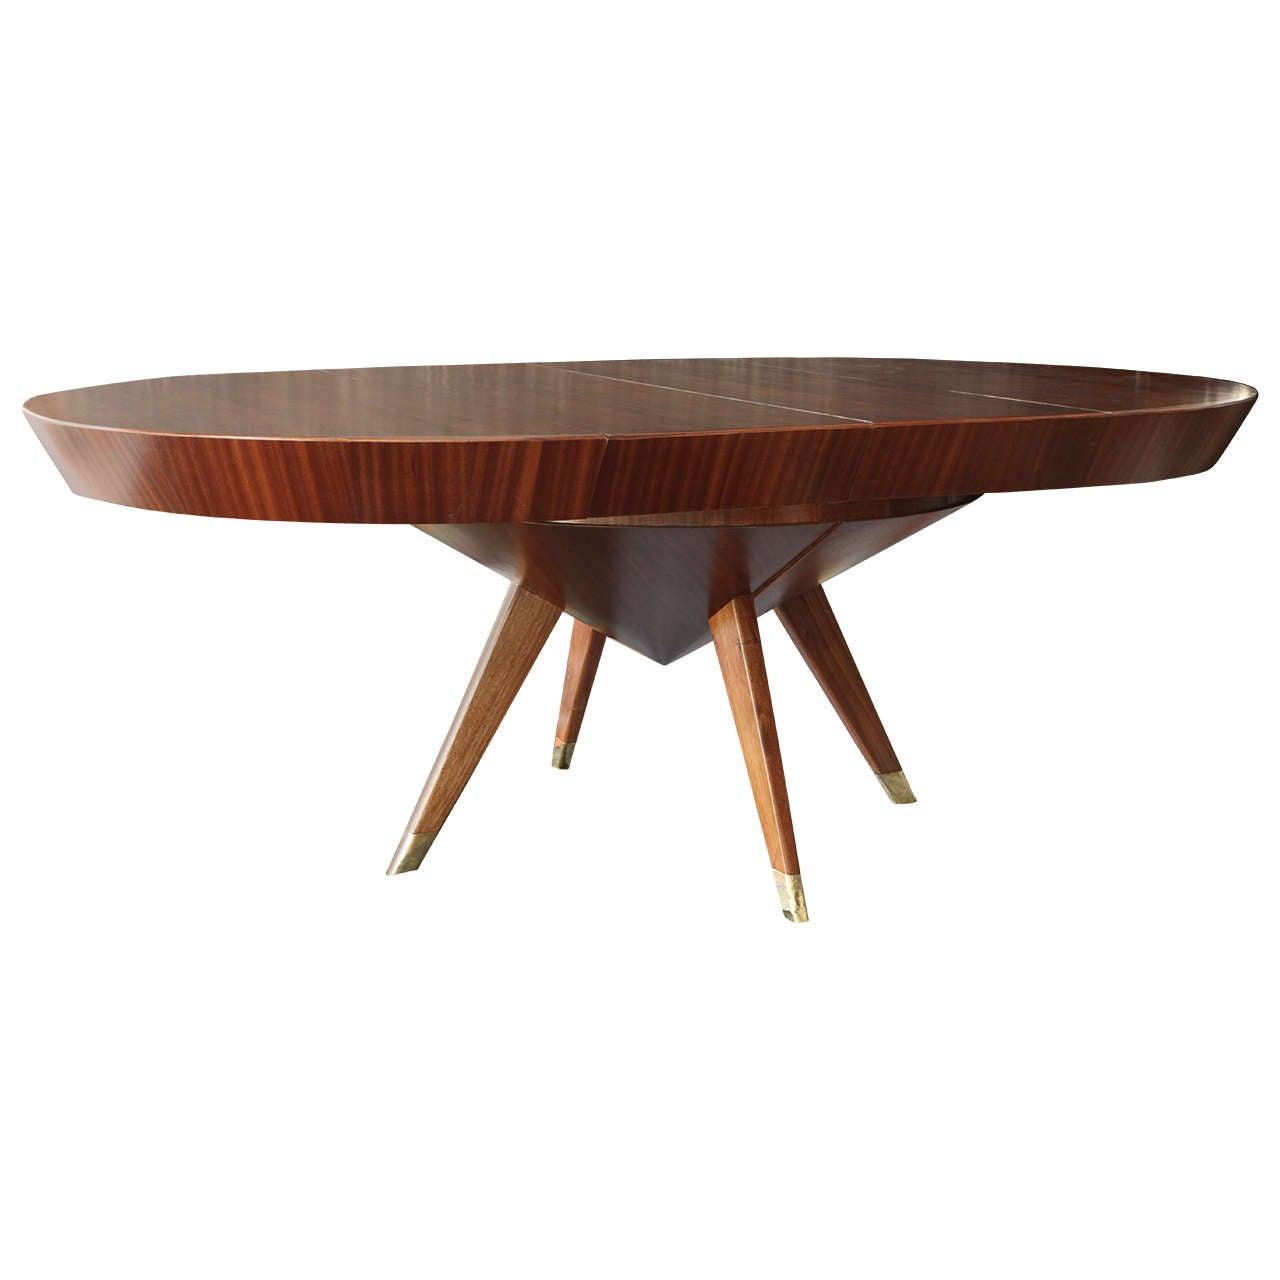 Custom Built Dining Room Tables: Custom Made Ribbon Mahogany Dining Table At 1stdibs